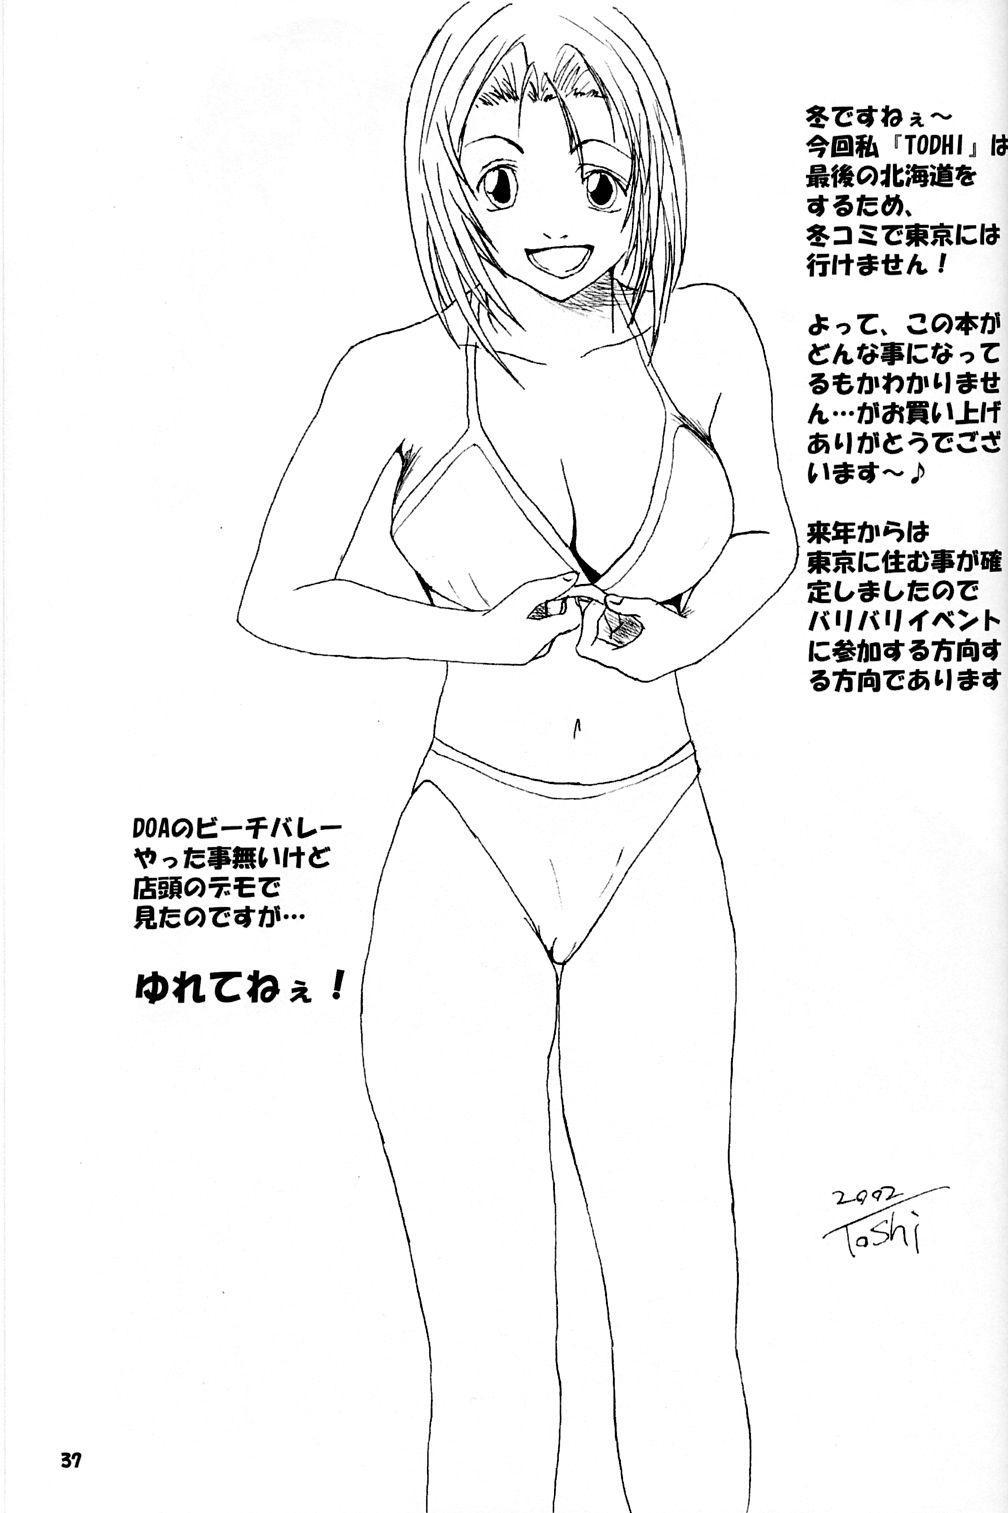 Gokujou desu yo! - It's XTREME! 35